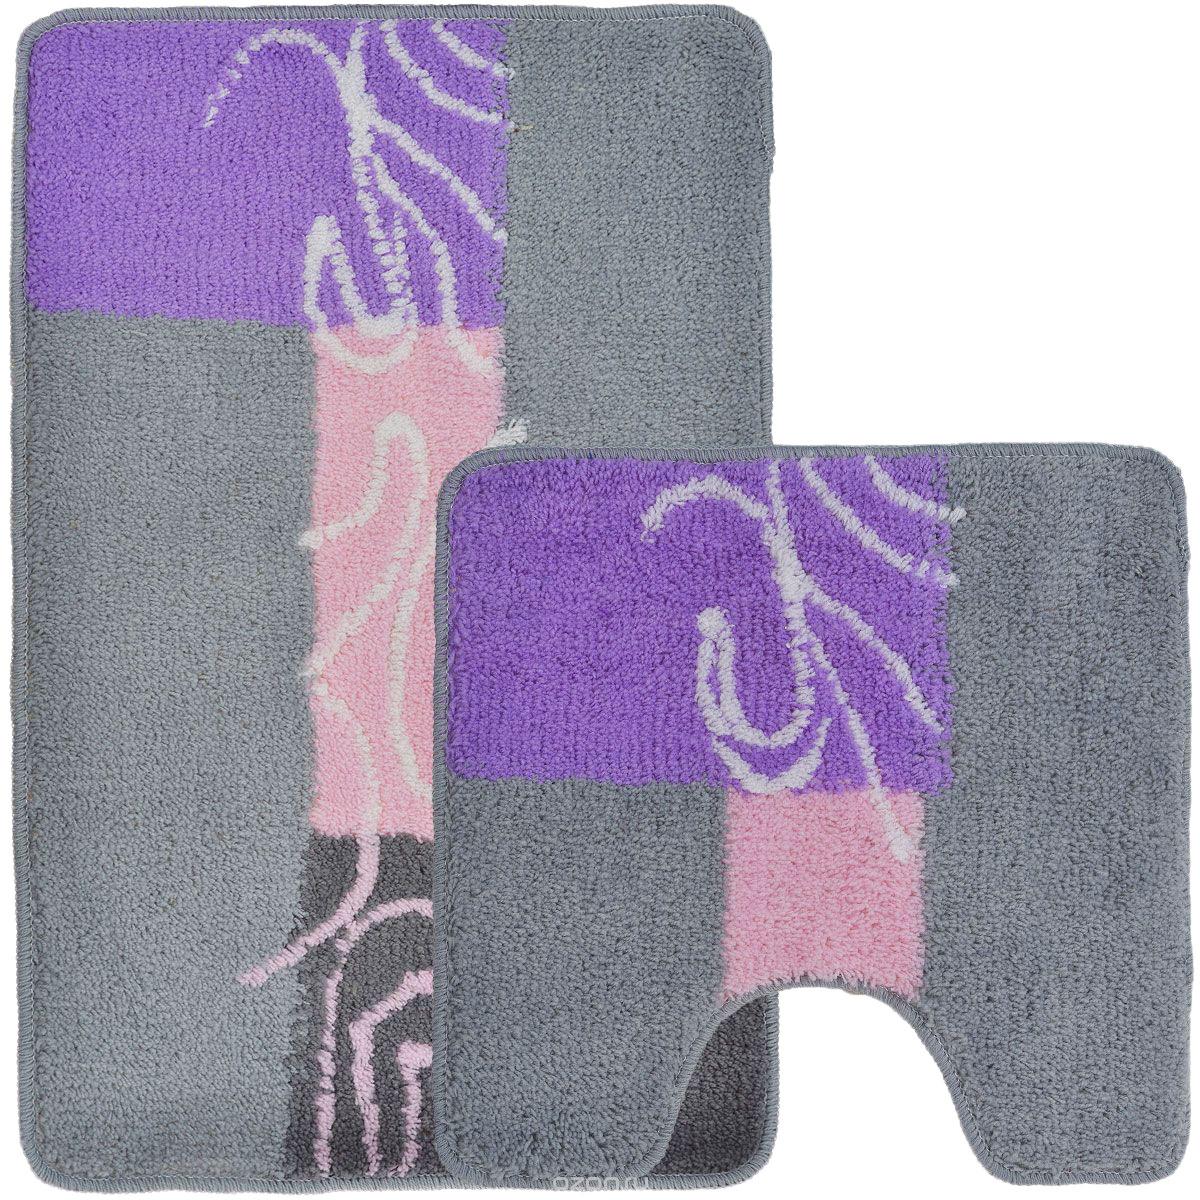 Набор ковриков для ванной Home Queen, цвет: серый, розовый, сиреневый, 2 шт55010Набор Home Queen состоит из двух ковриков для ванной комнаты: прямоугольного и с вырезом. Коврики изготовлены из полиэстера и акрила. Это экологически чистый, быстросохнущий, мягкий и износостойкий материал. Красители устойчивы, поэтому рисунок не потеряет цвет даже после многократных стирок в стиральной машине. Благодаря латексной основе коврики не скользят на полу. Можно использовать на полу с подогревом. Яркий дизайн позволит оформить ванную комнату по вашему вкусу. Размер ковриков: 80 см х 50см; 50 см х 50 см. Высота ворса: 1,5 см.